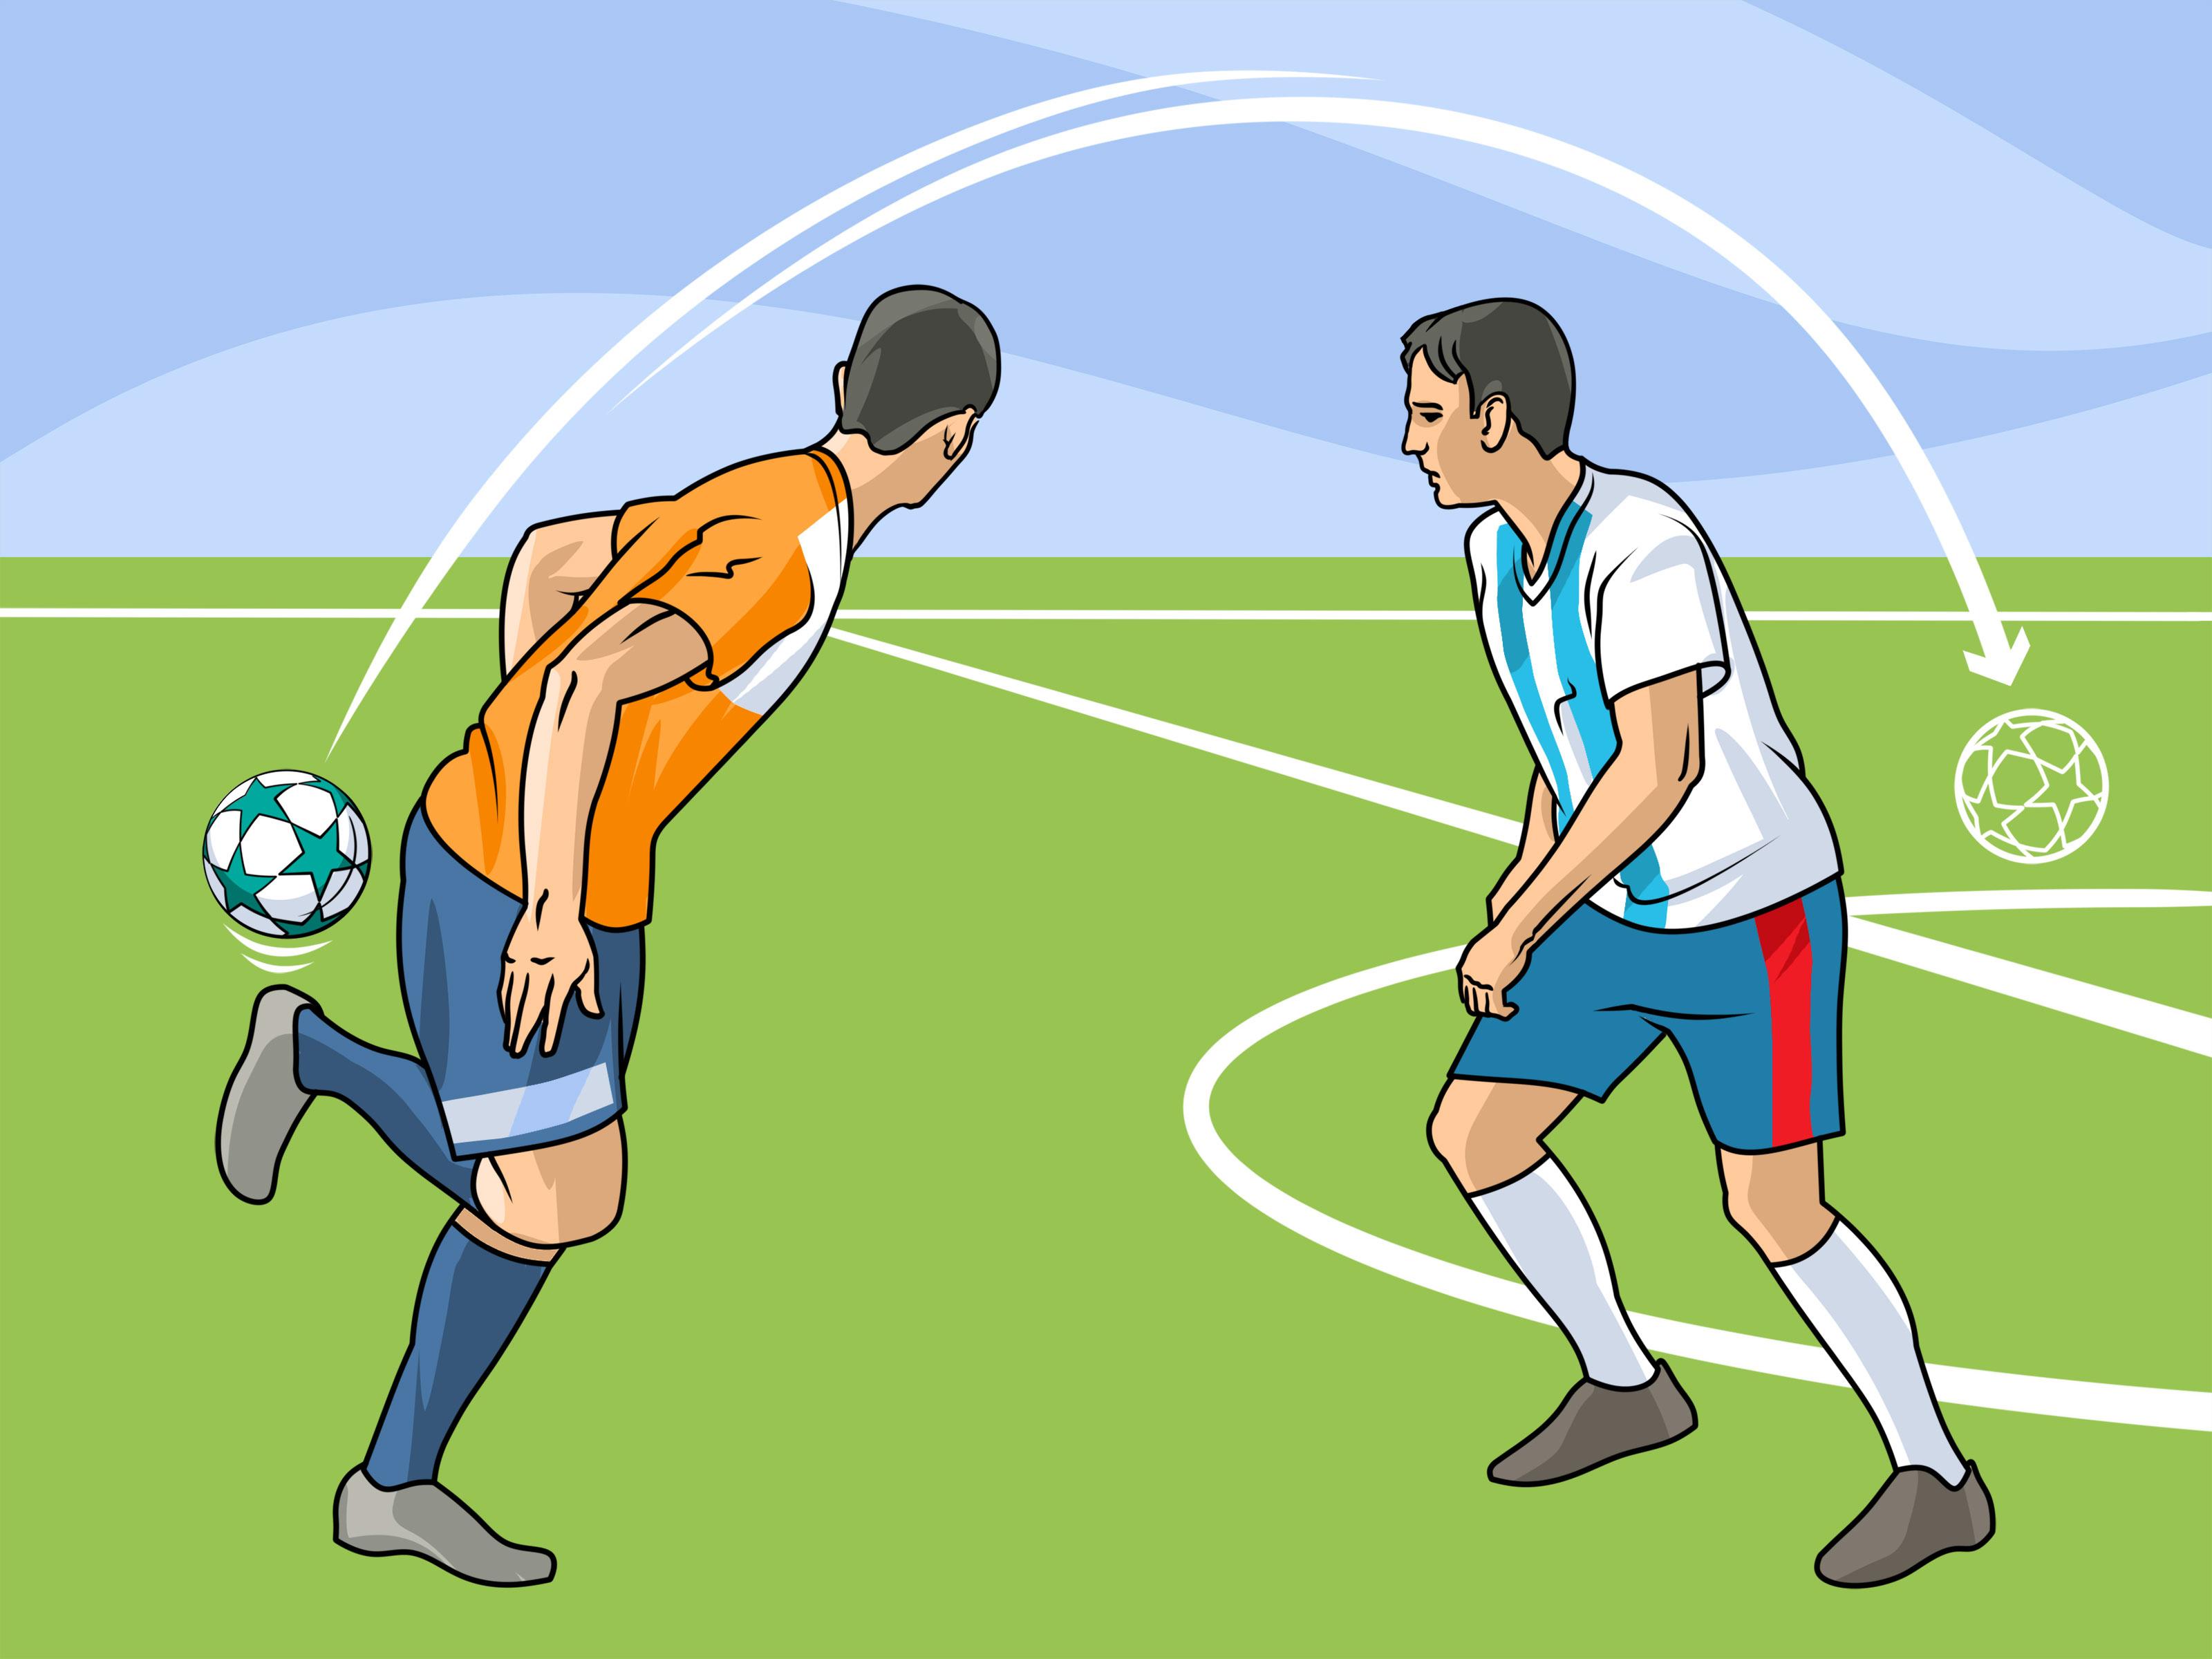 Comment Jouer Au Football (Avec Images) - Wikihow concernant Jeux De Foot Gardien De But